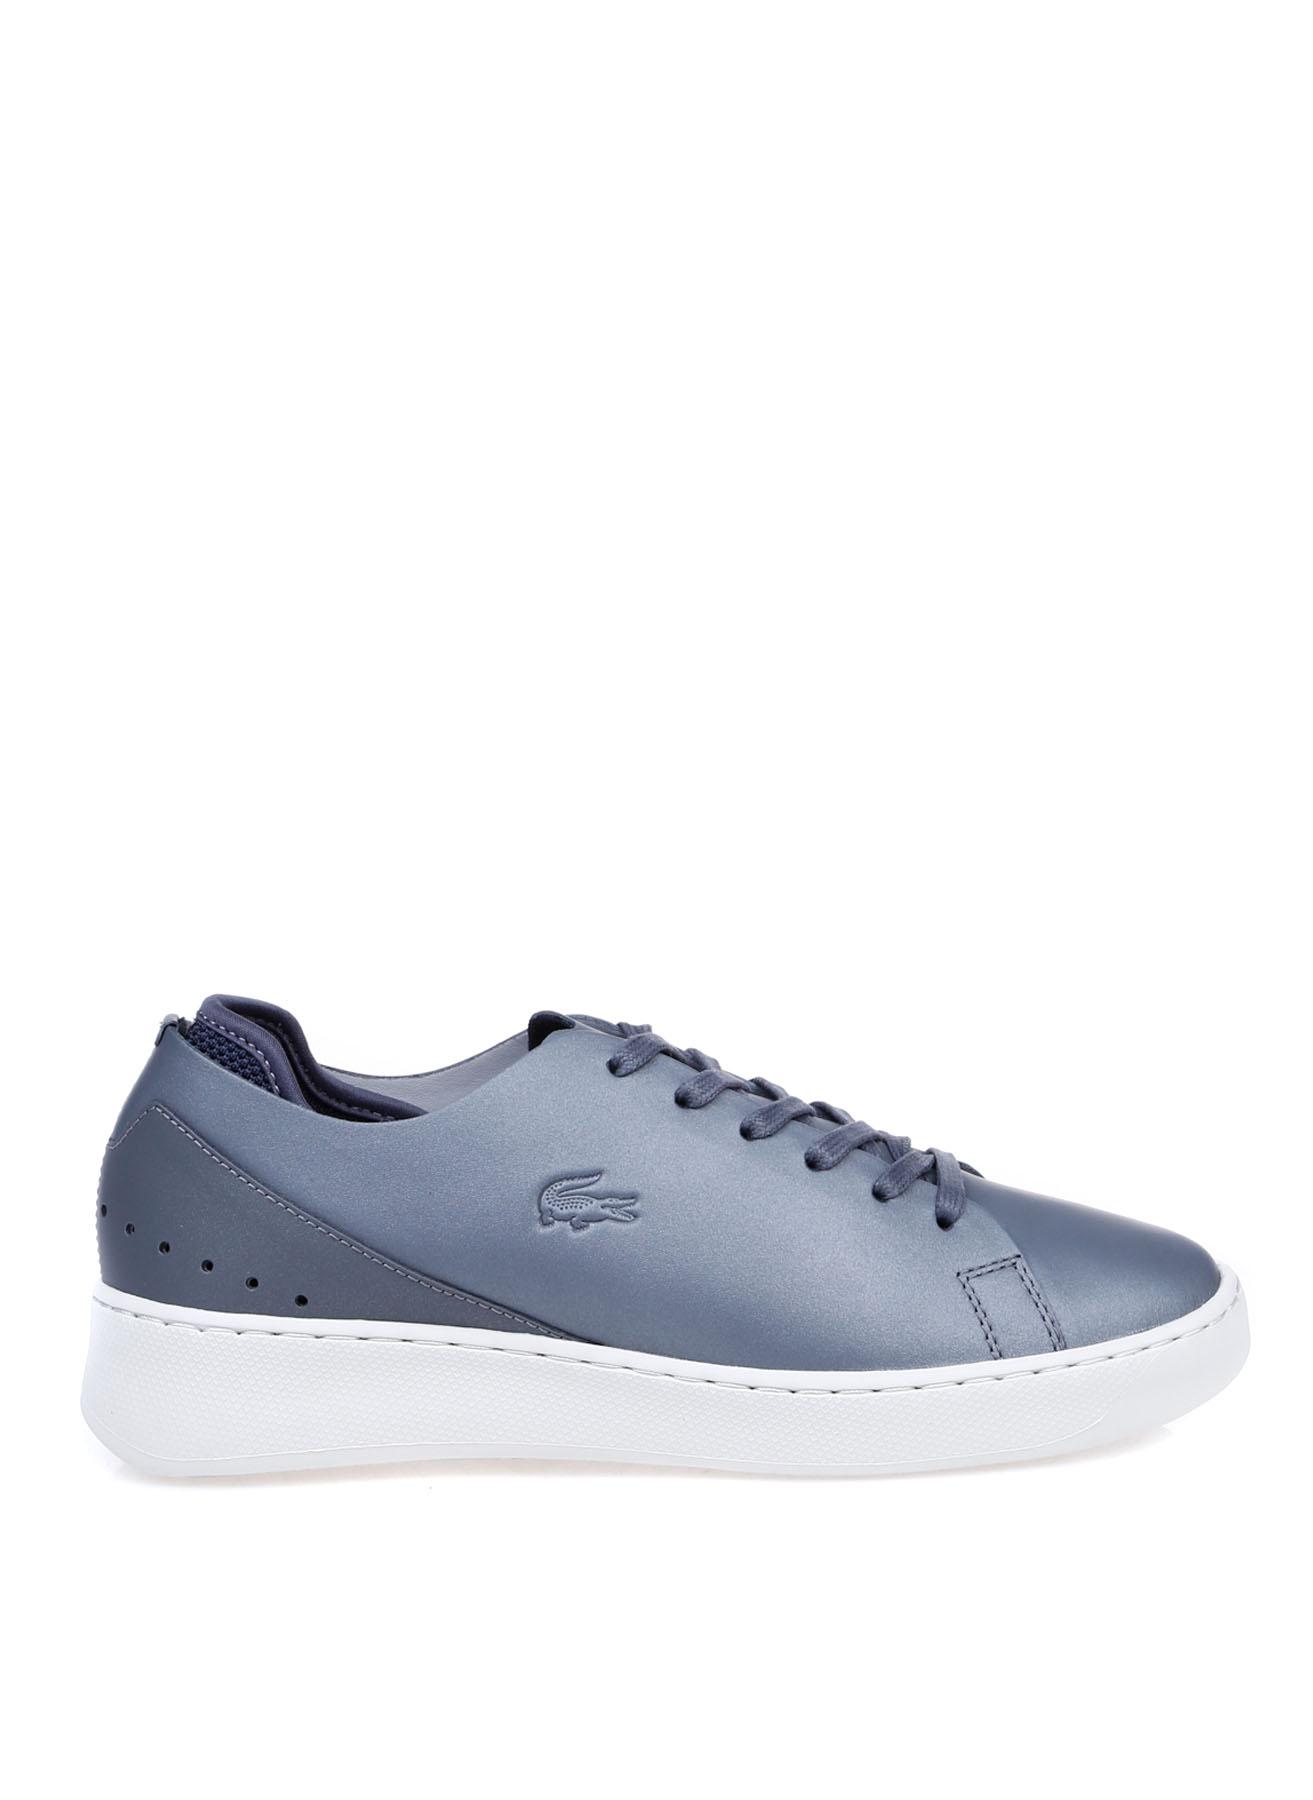 Lacoste Kadın Deri Gri Sneaker 38 5002312540003 Ürün Resmi